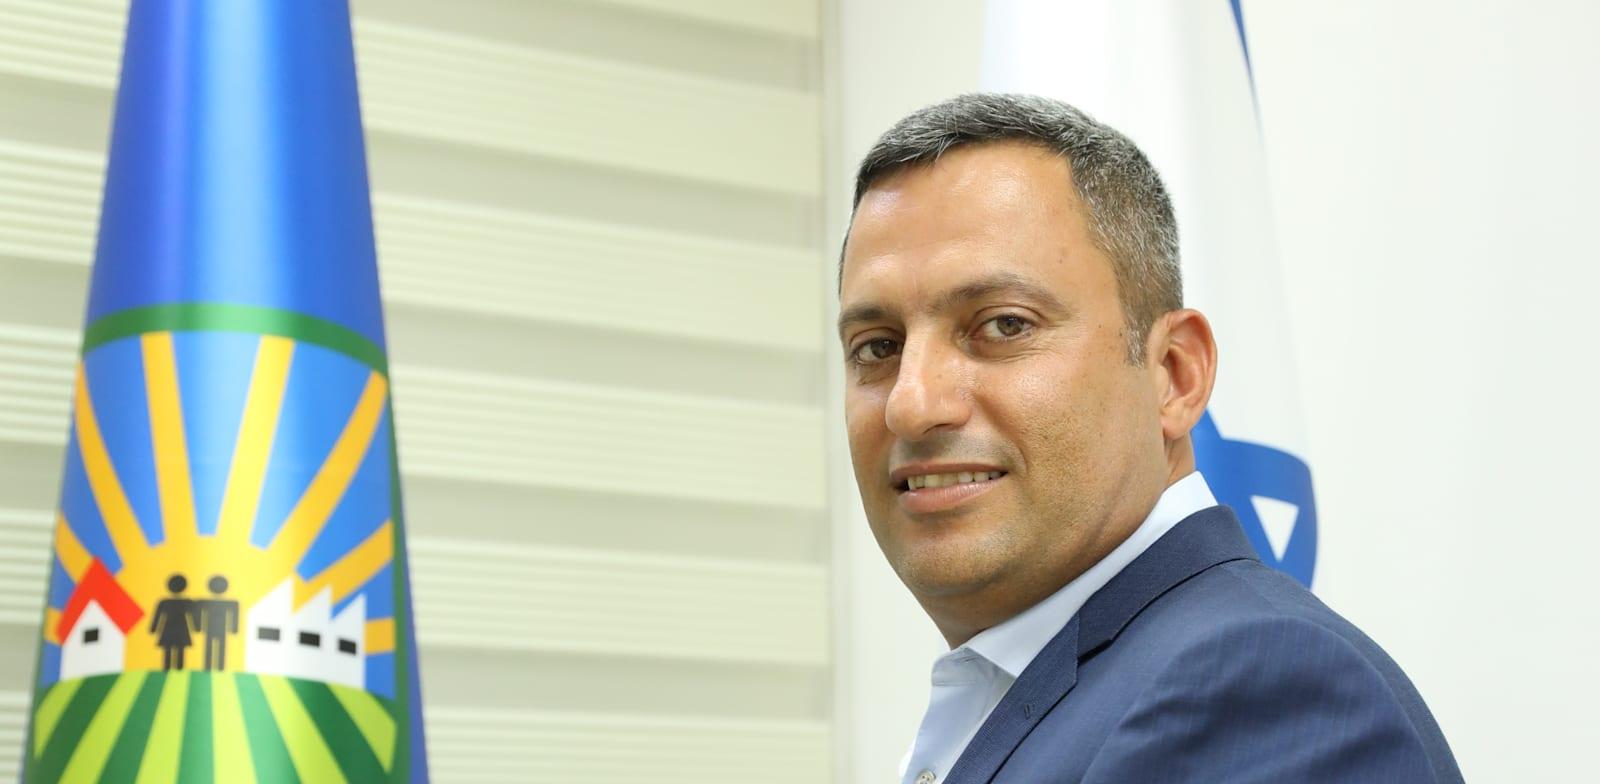 אלון דוידי - ראש עירית שדרות / צילום: גולן סבג